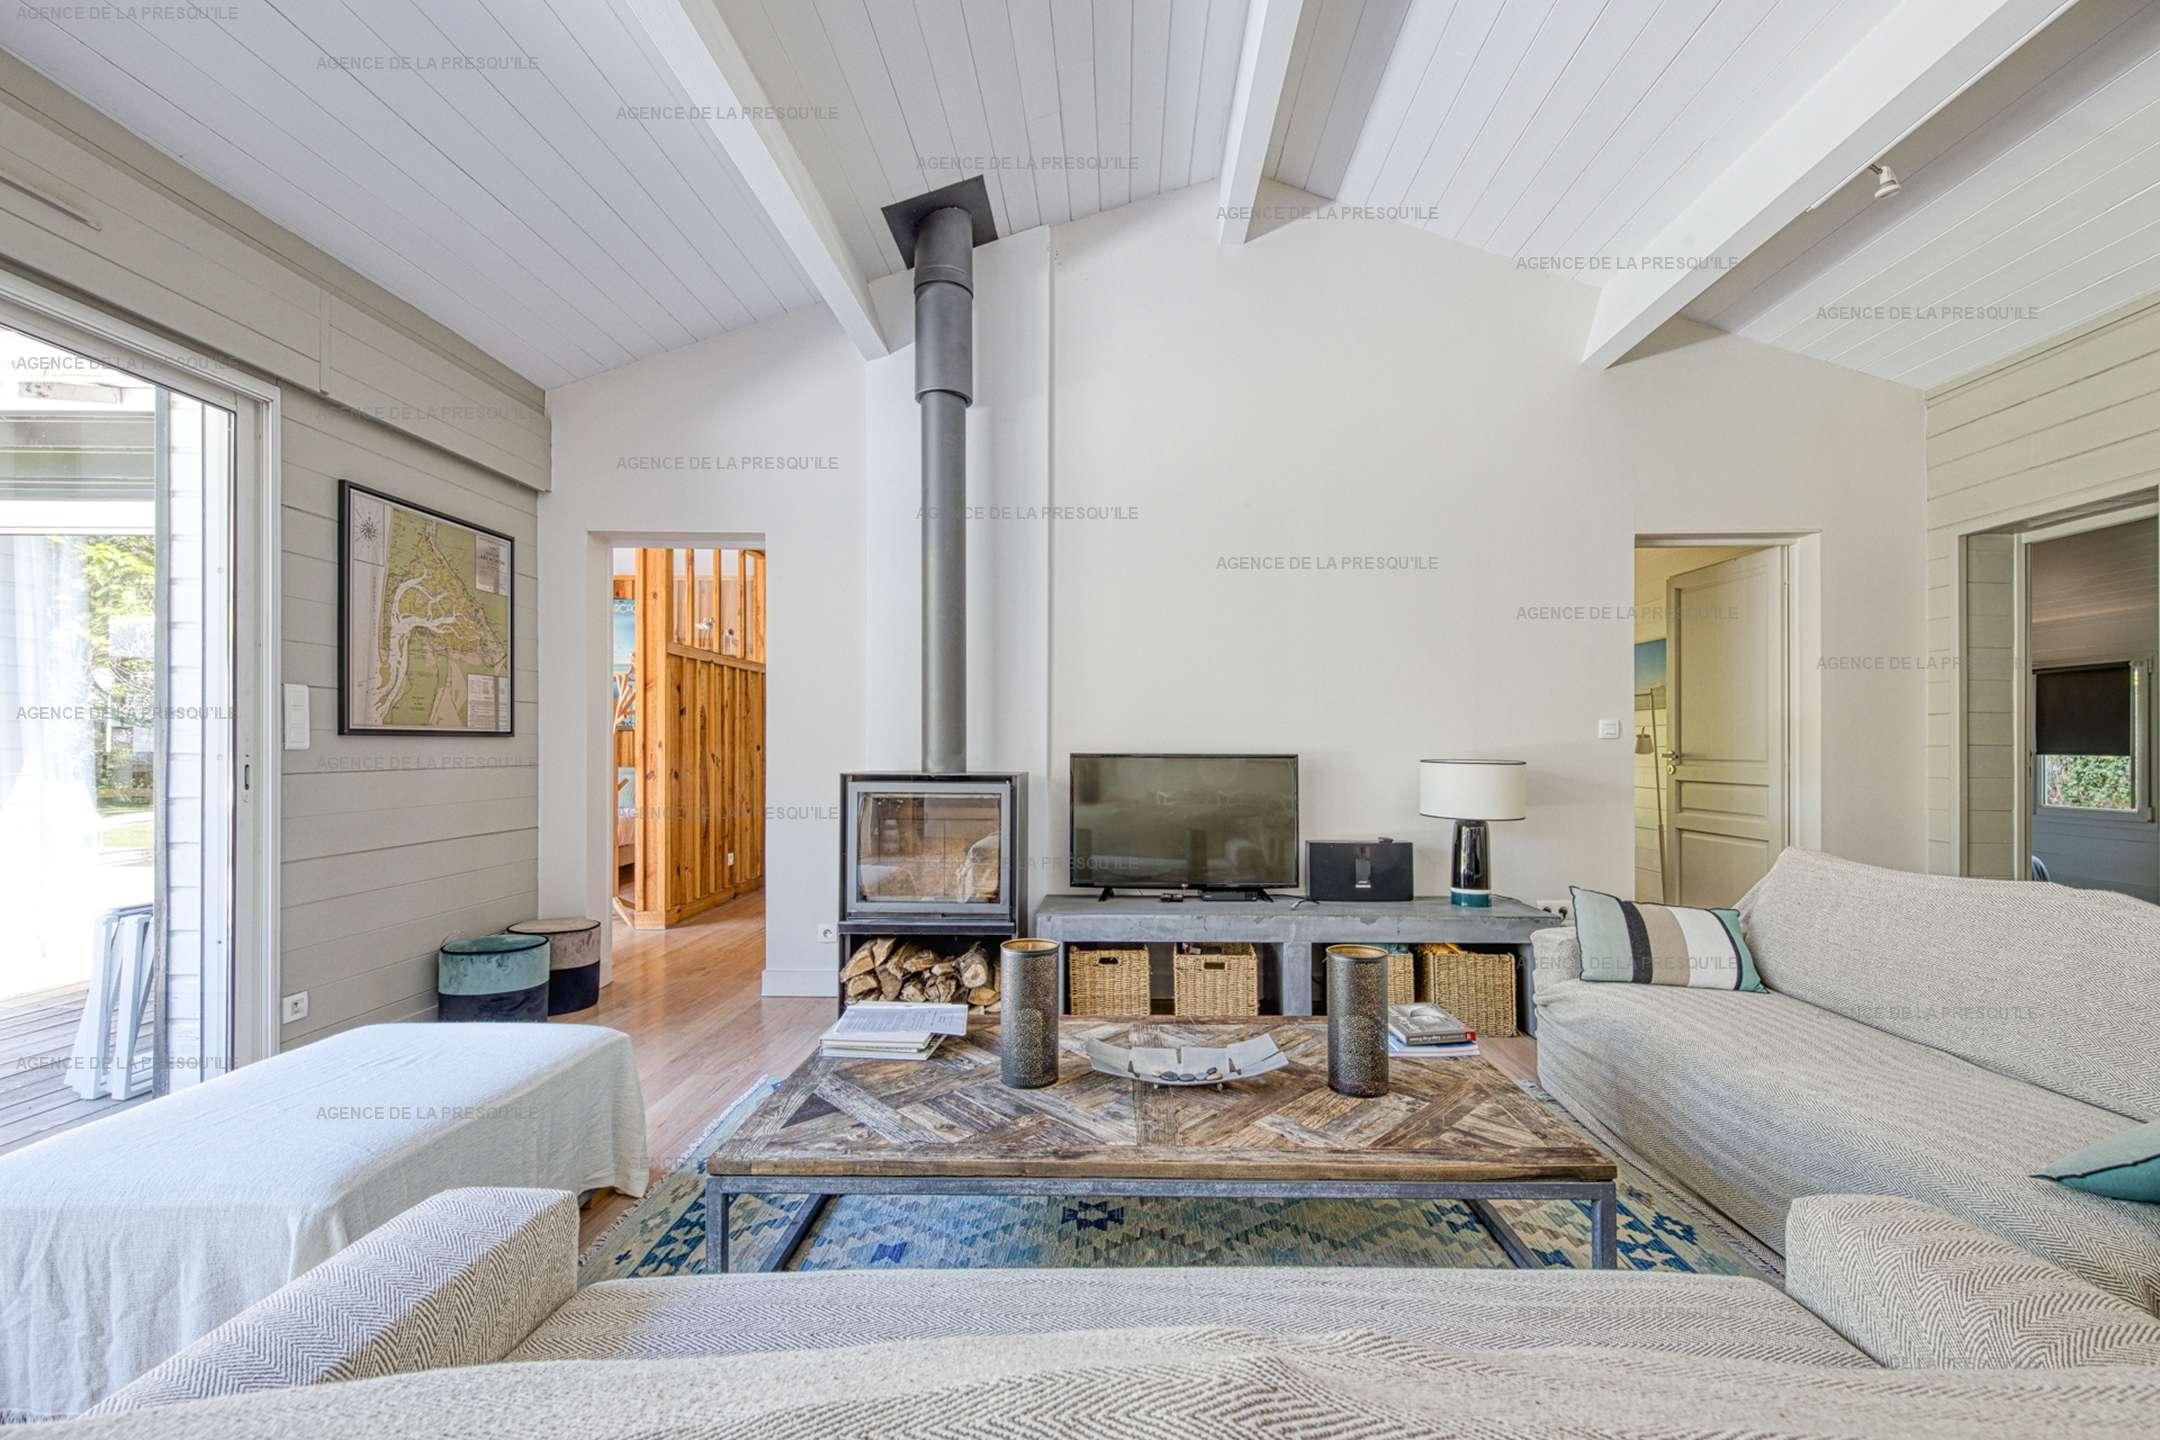 Location: Très belle villa en bois au calme avec piscine chauffée 5